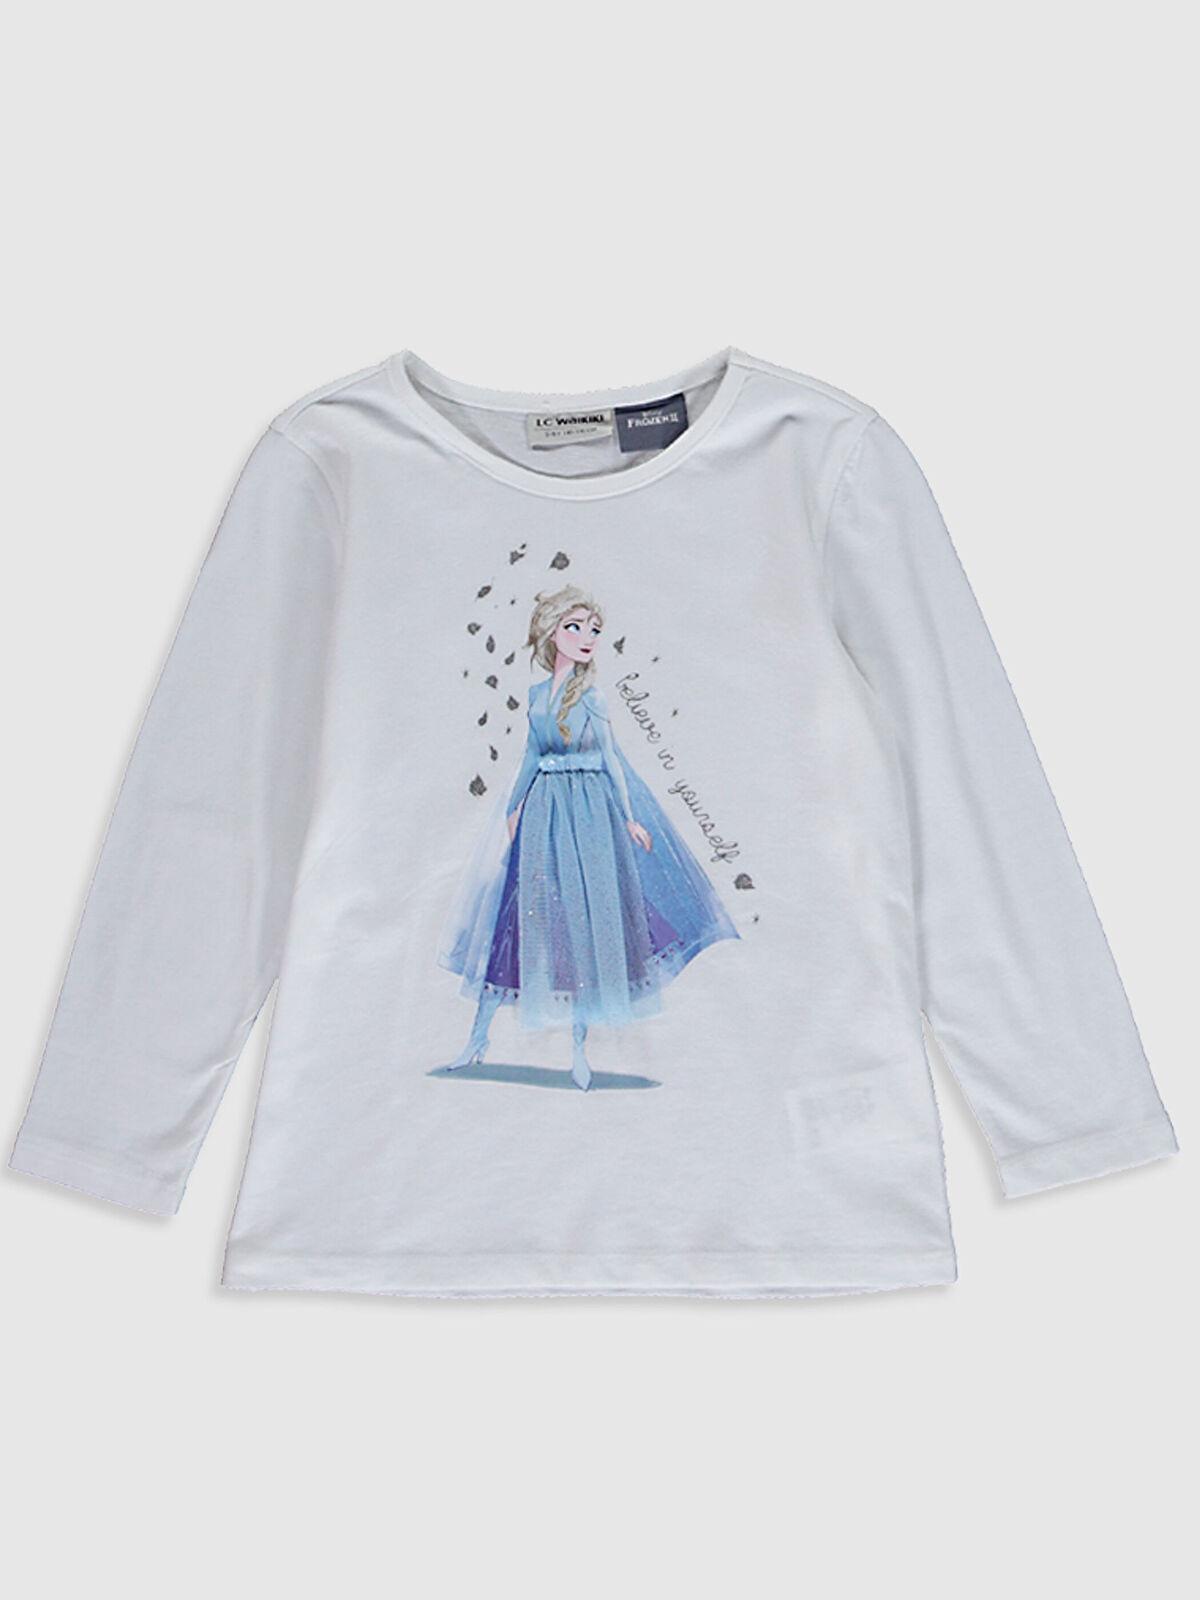 Kız Çocuk Elsa Baskılı Pamuklu Tişört - LC WAIKIKI